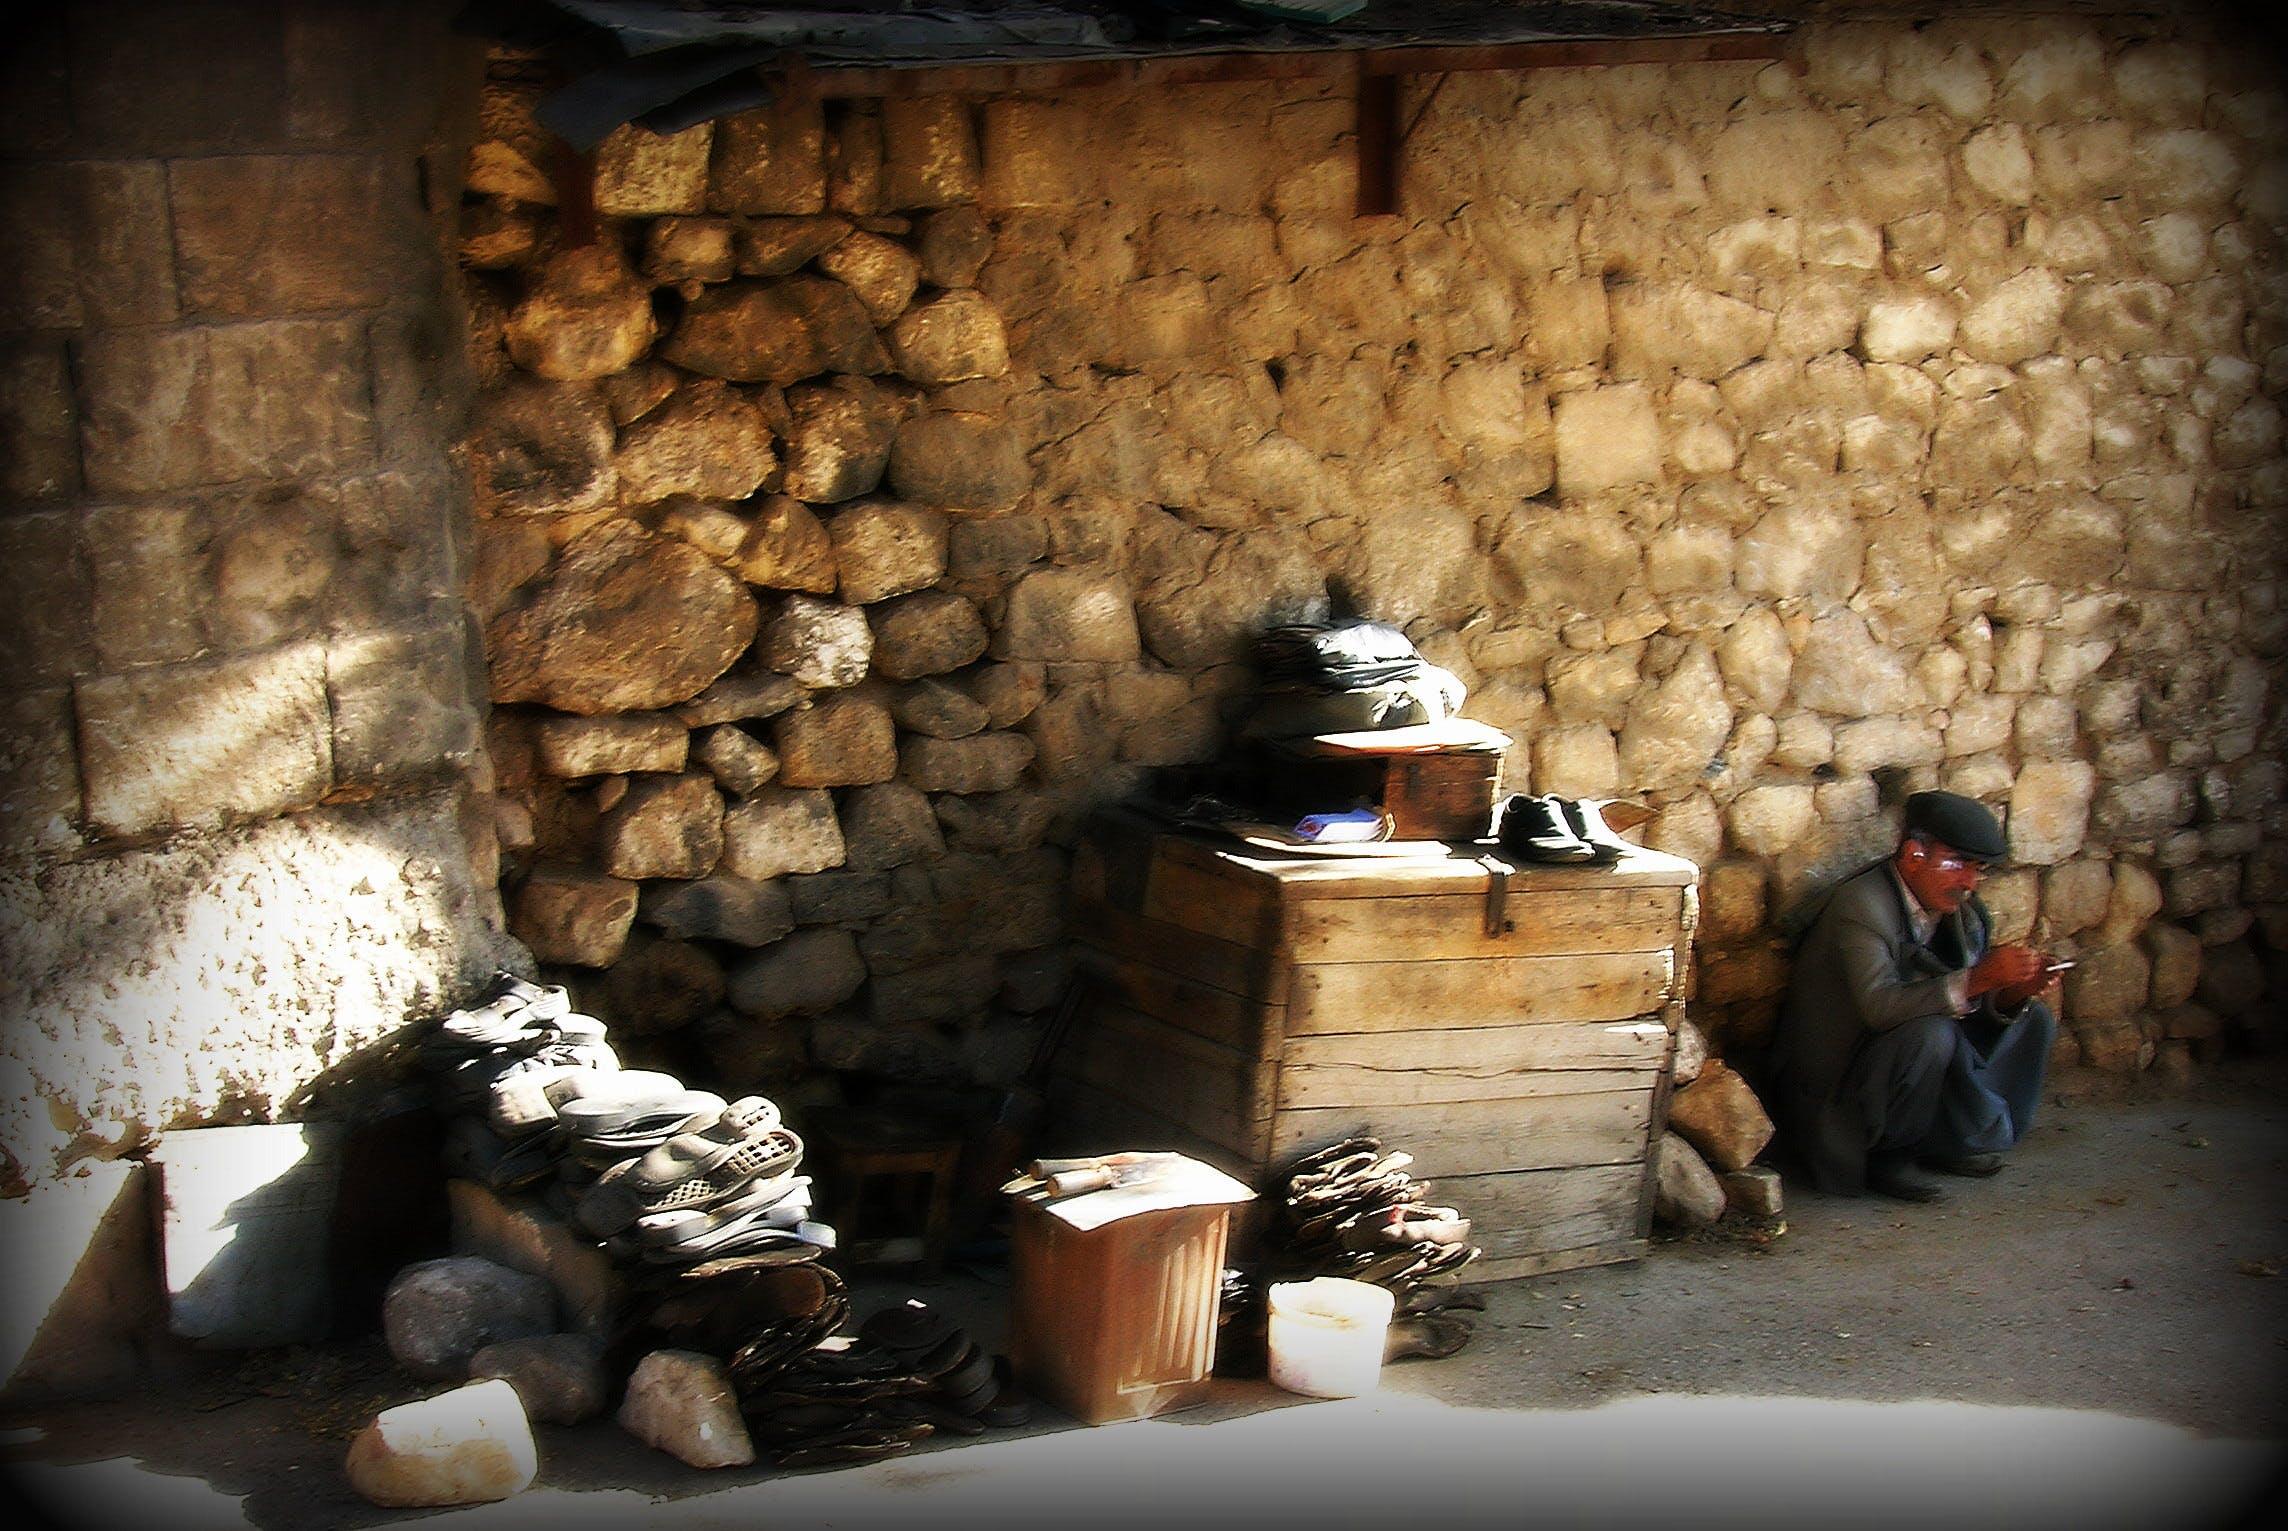 Free stock photo of Ayakabı tamircisi, Emekçi, Koşkâr